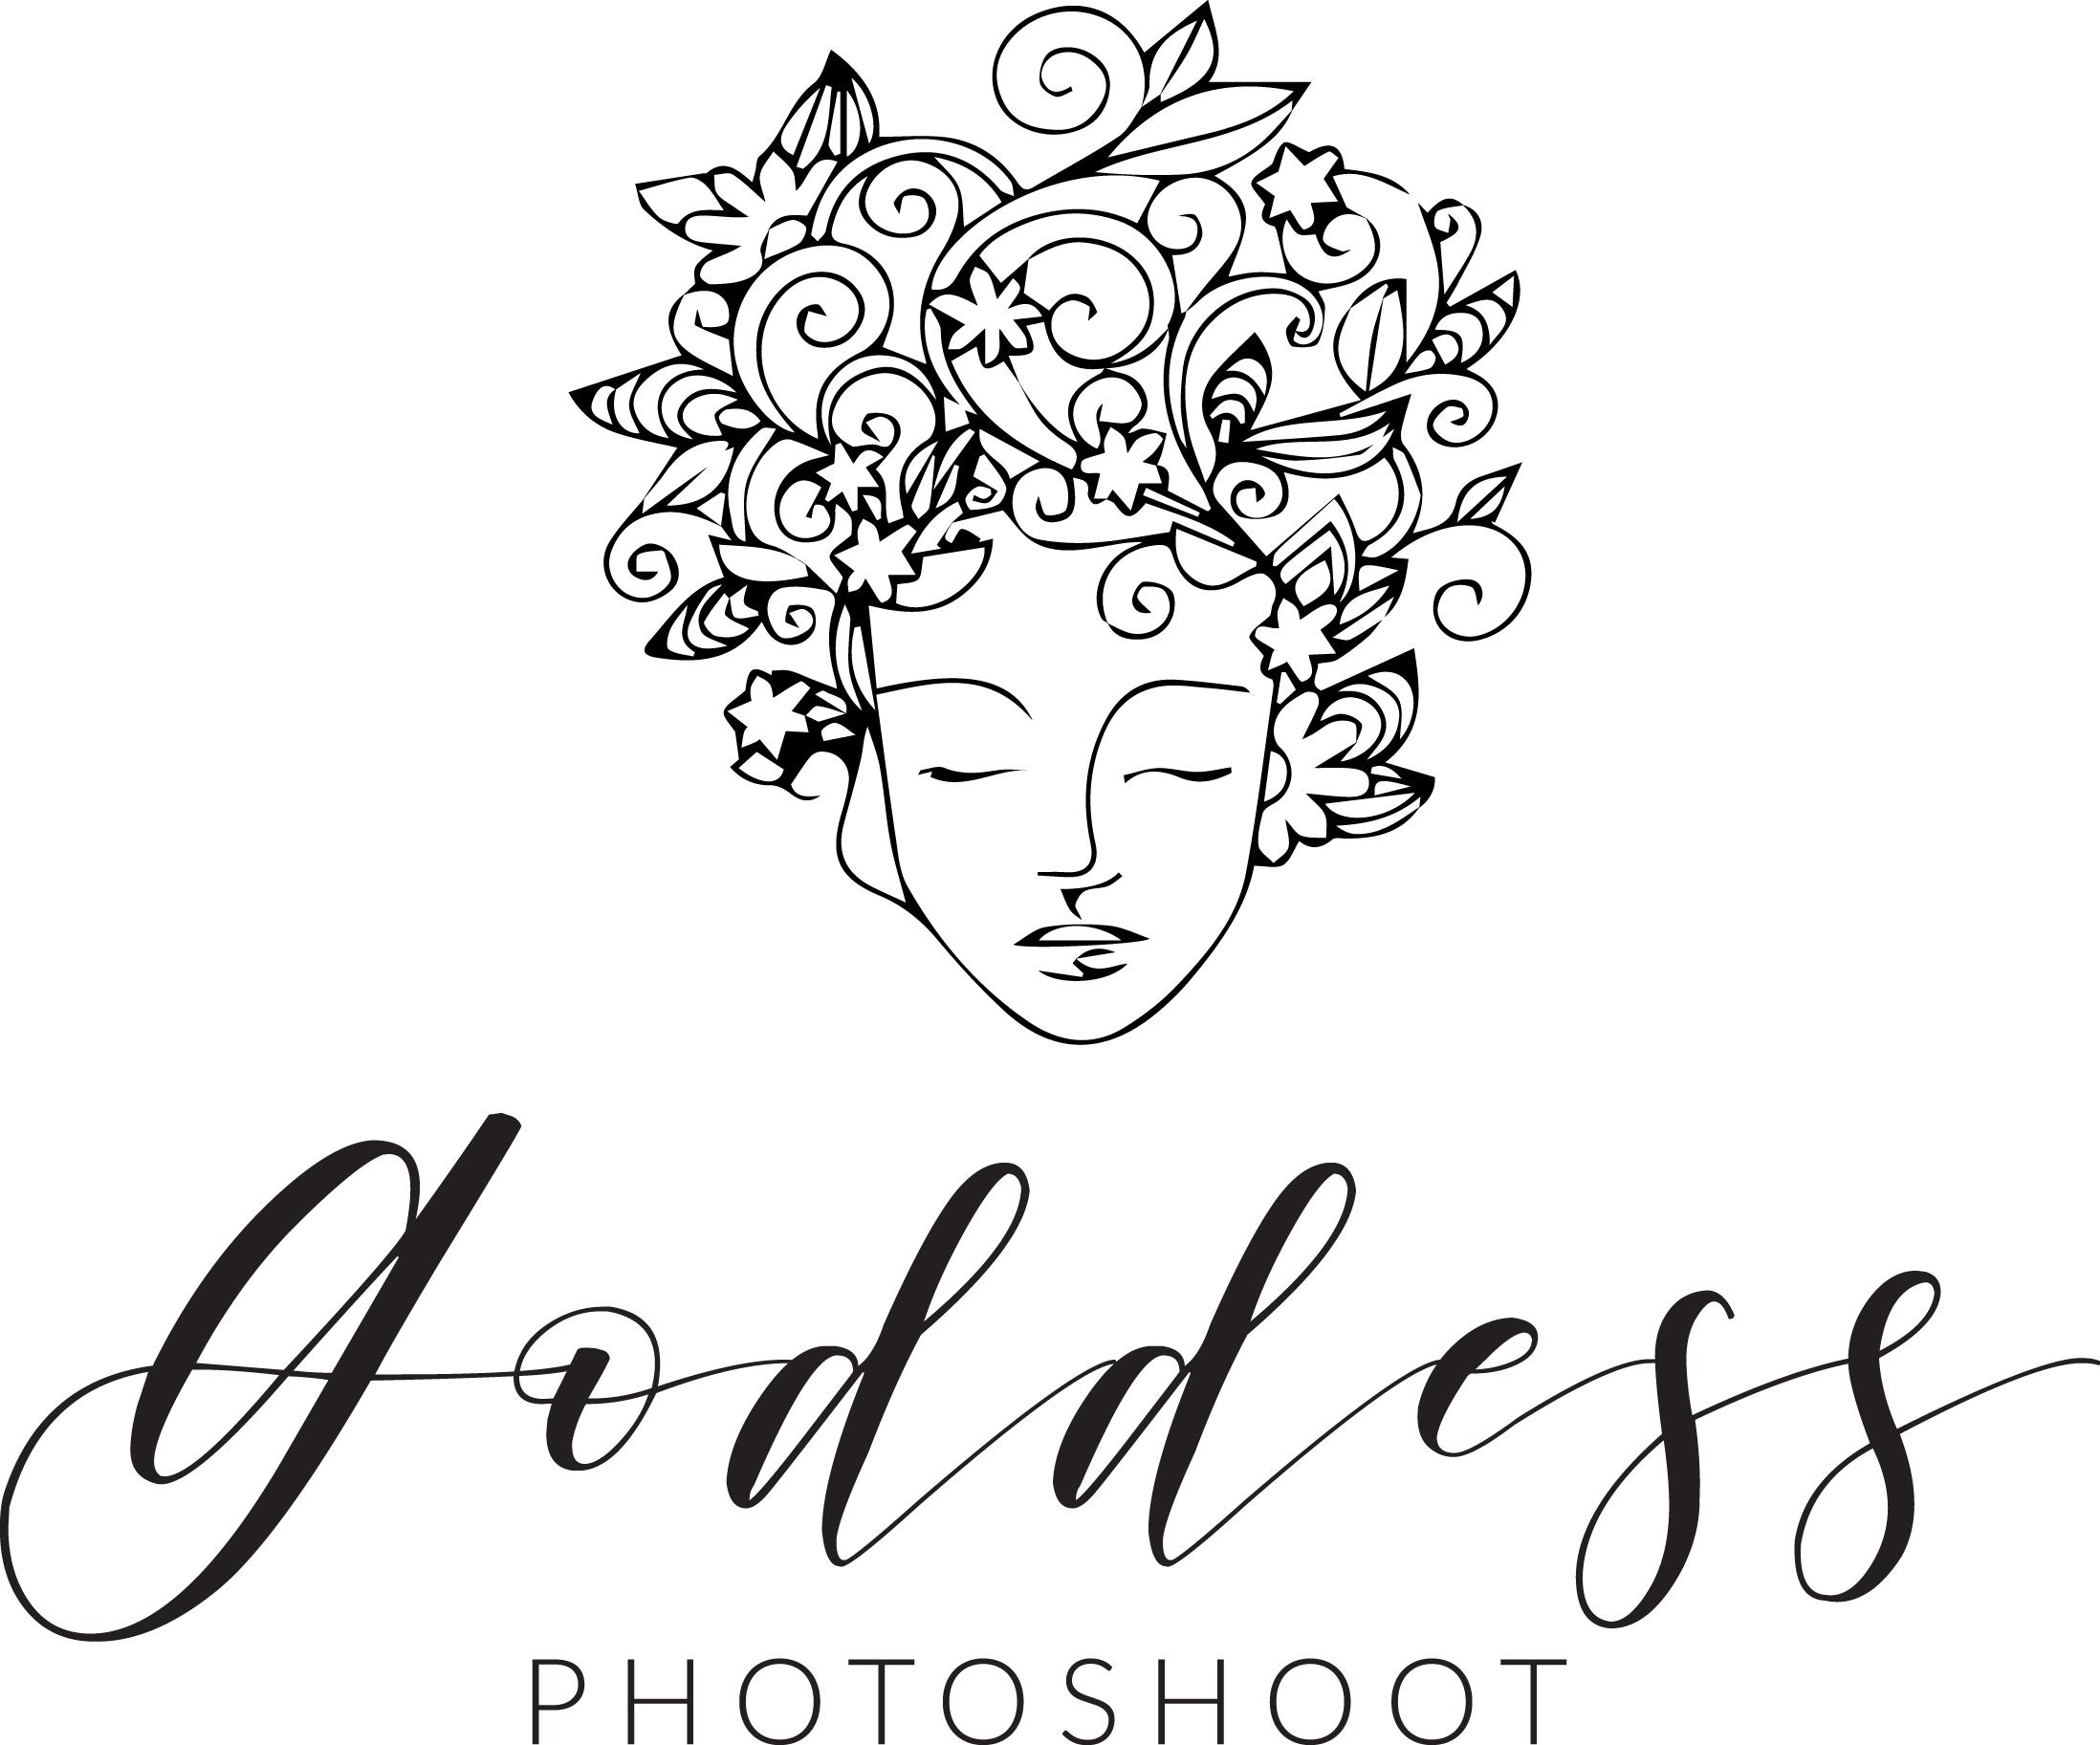 goddess photoshoot logo